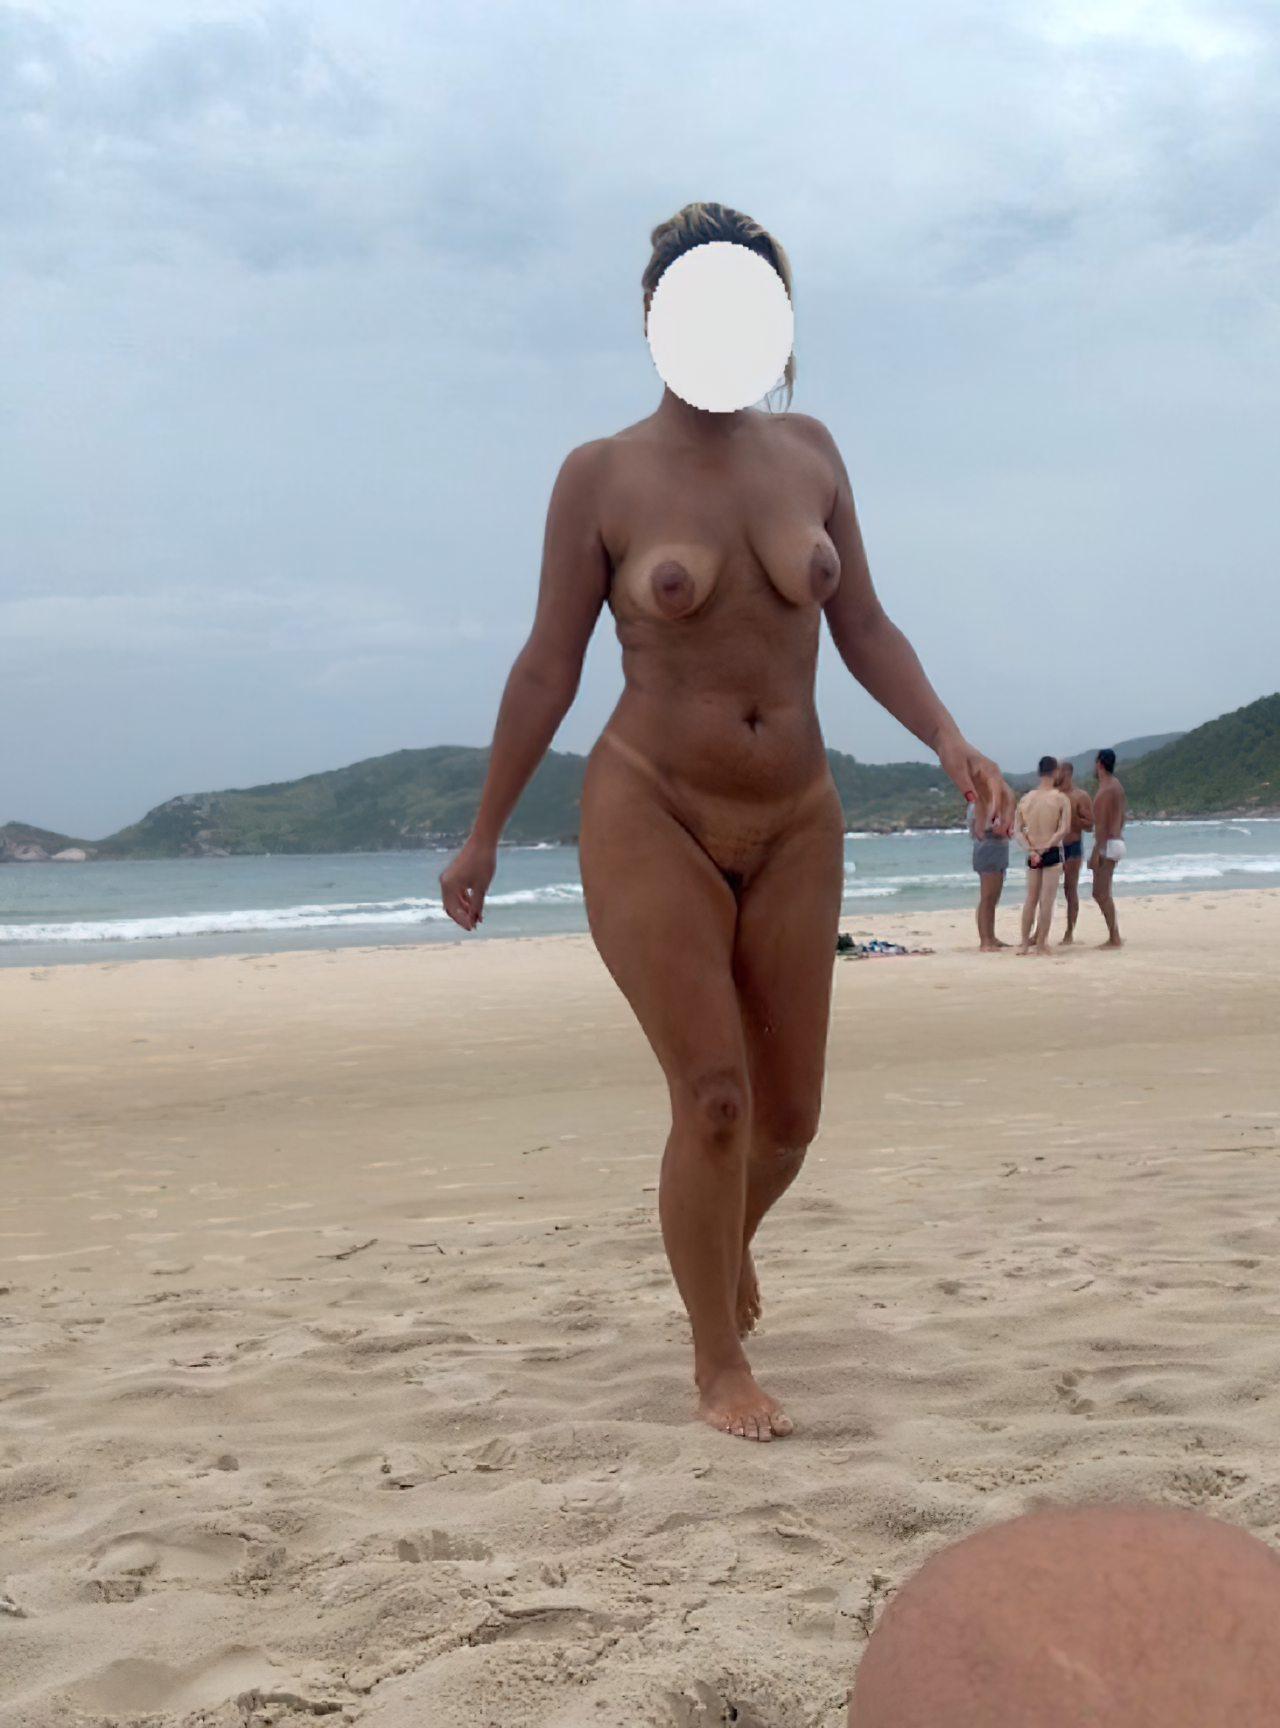 Esposa Praia Nudismo (1)